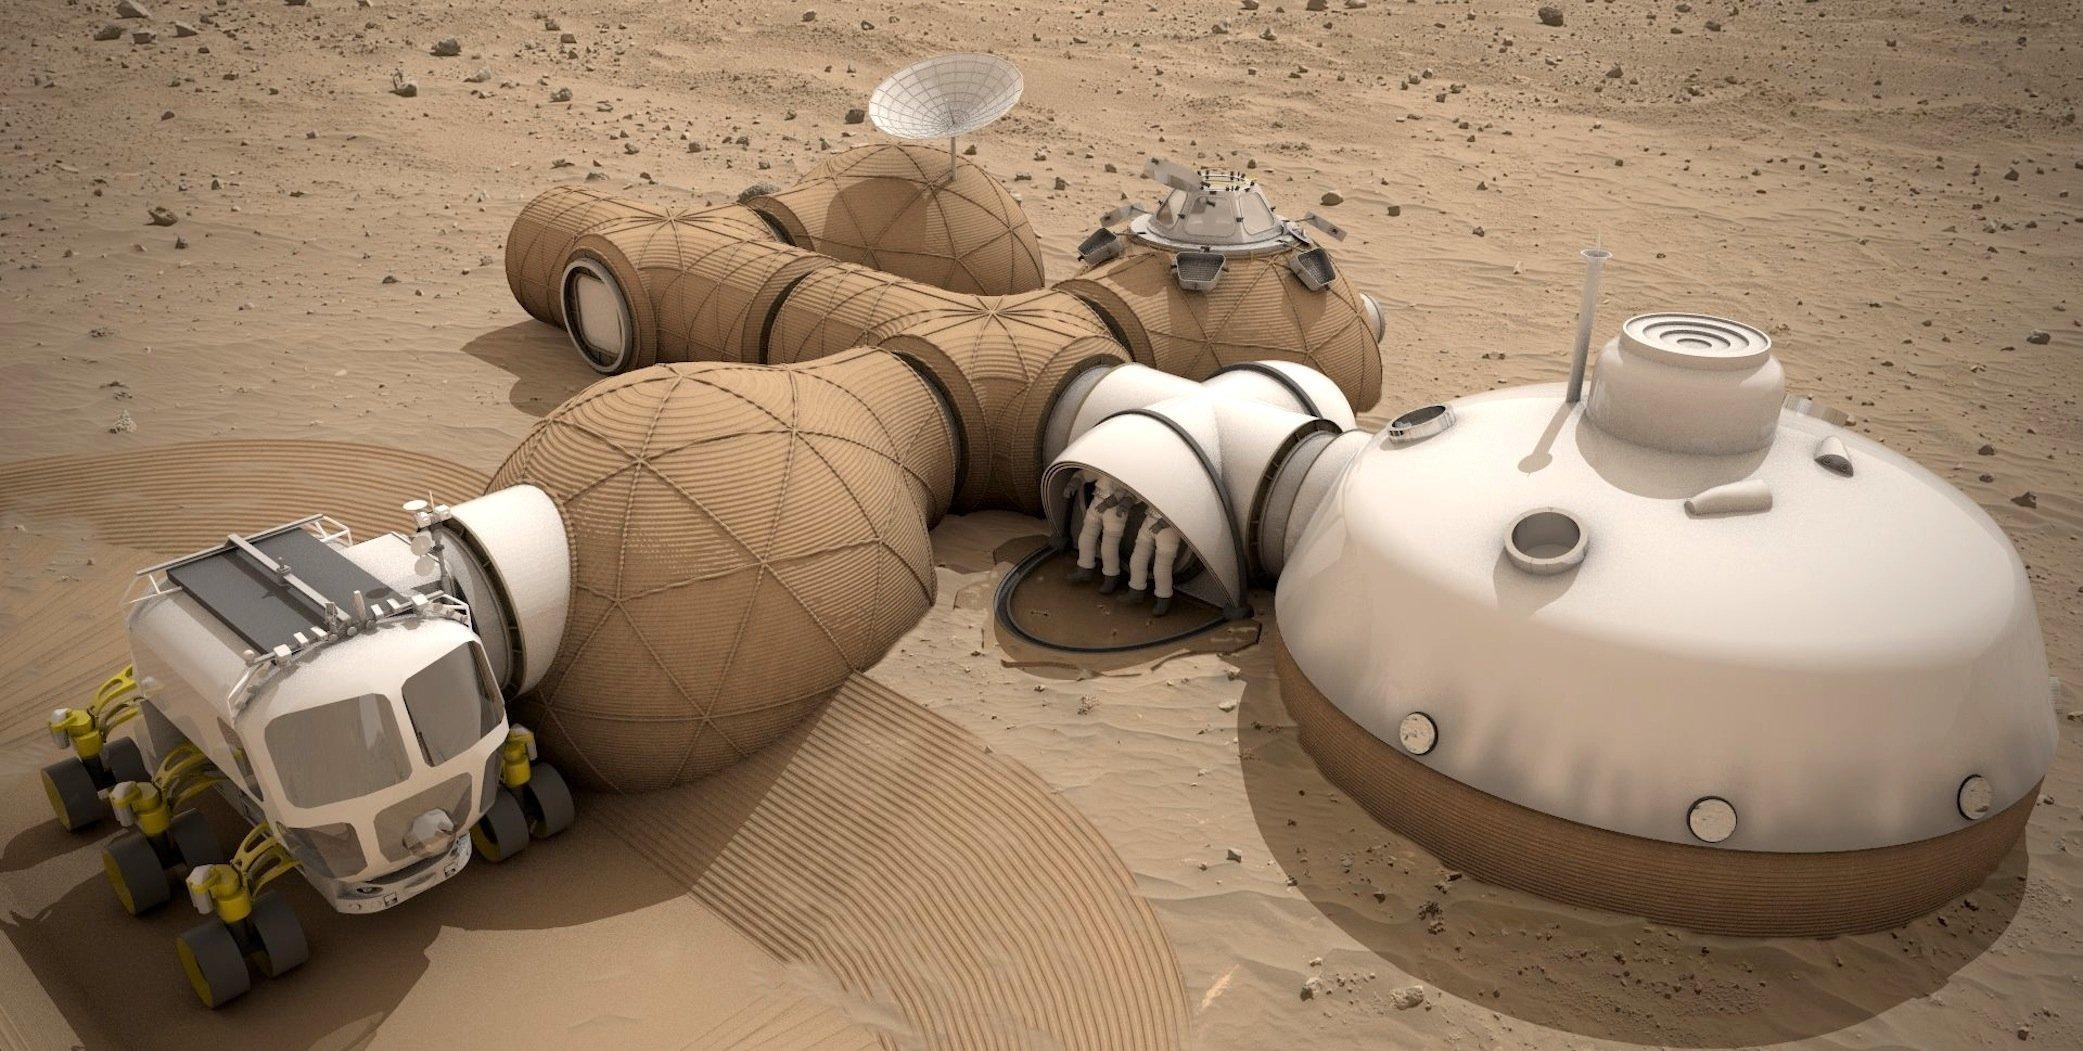 ESA-Entwurf für eine Bodenstation auf dem Mars: Die Ingenieure aus demAstronautenzentrum in Köln wollen große Teile des Raumschiffs als Basis der Marsstation nutzen. Verbindungskorridore und weitere kleinere Behausungen sollen aus dem auf dem Mars verfügbaren GesteinRegolith produziert werden.